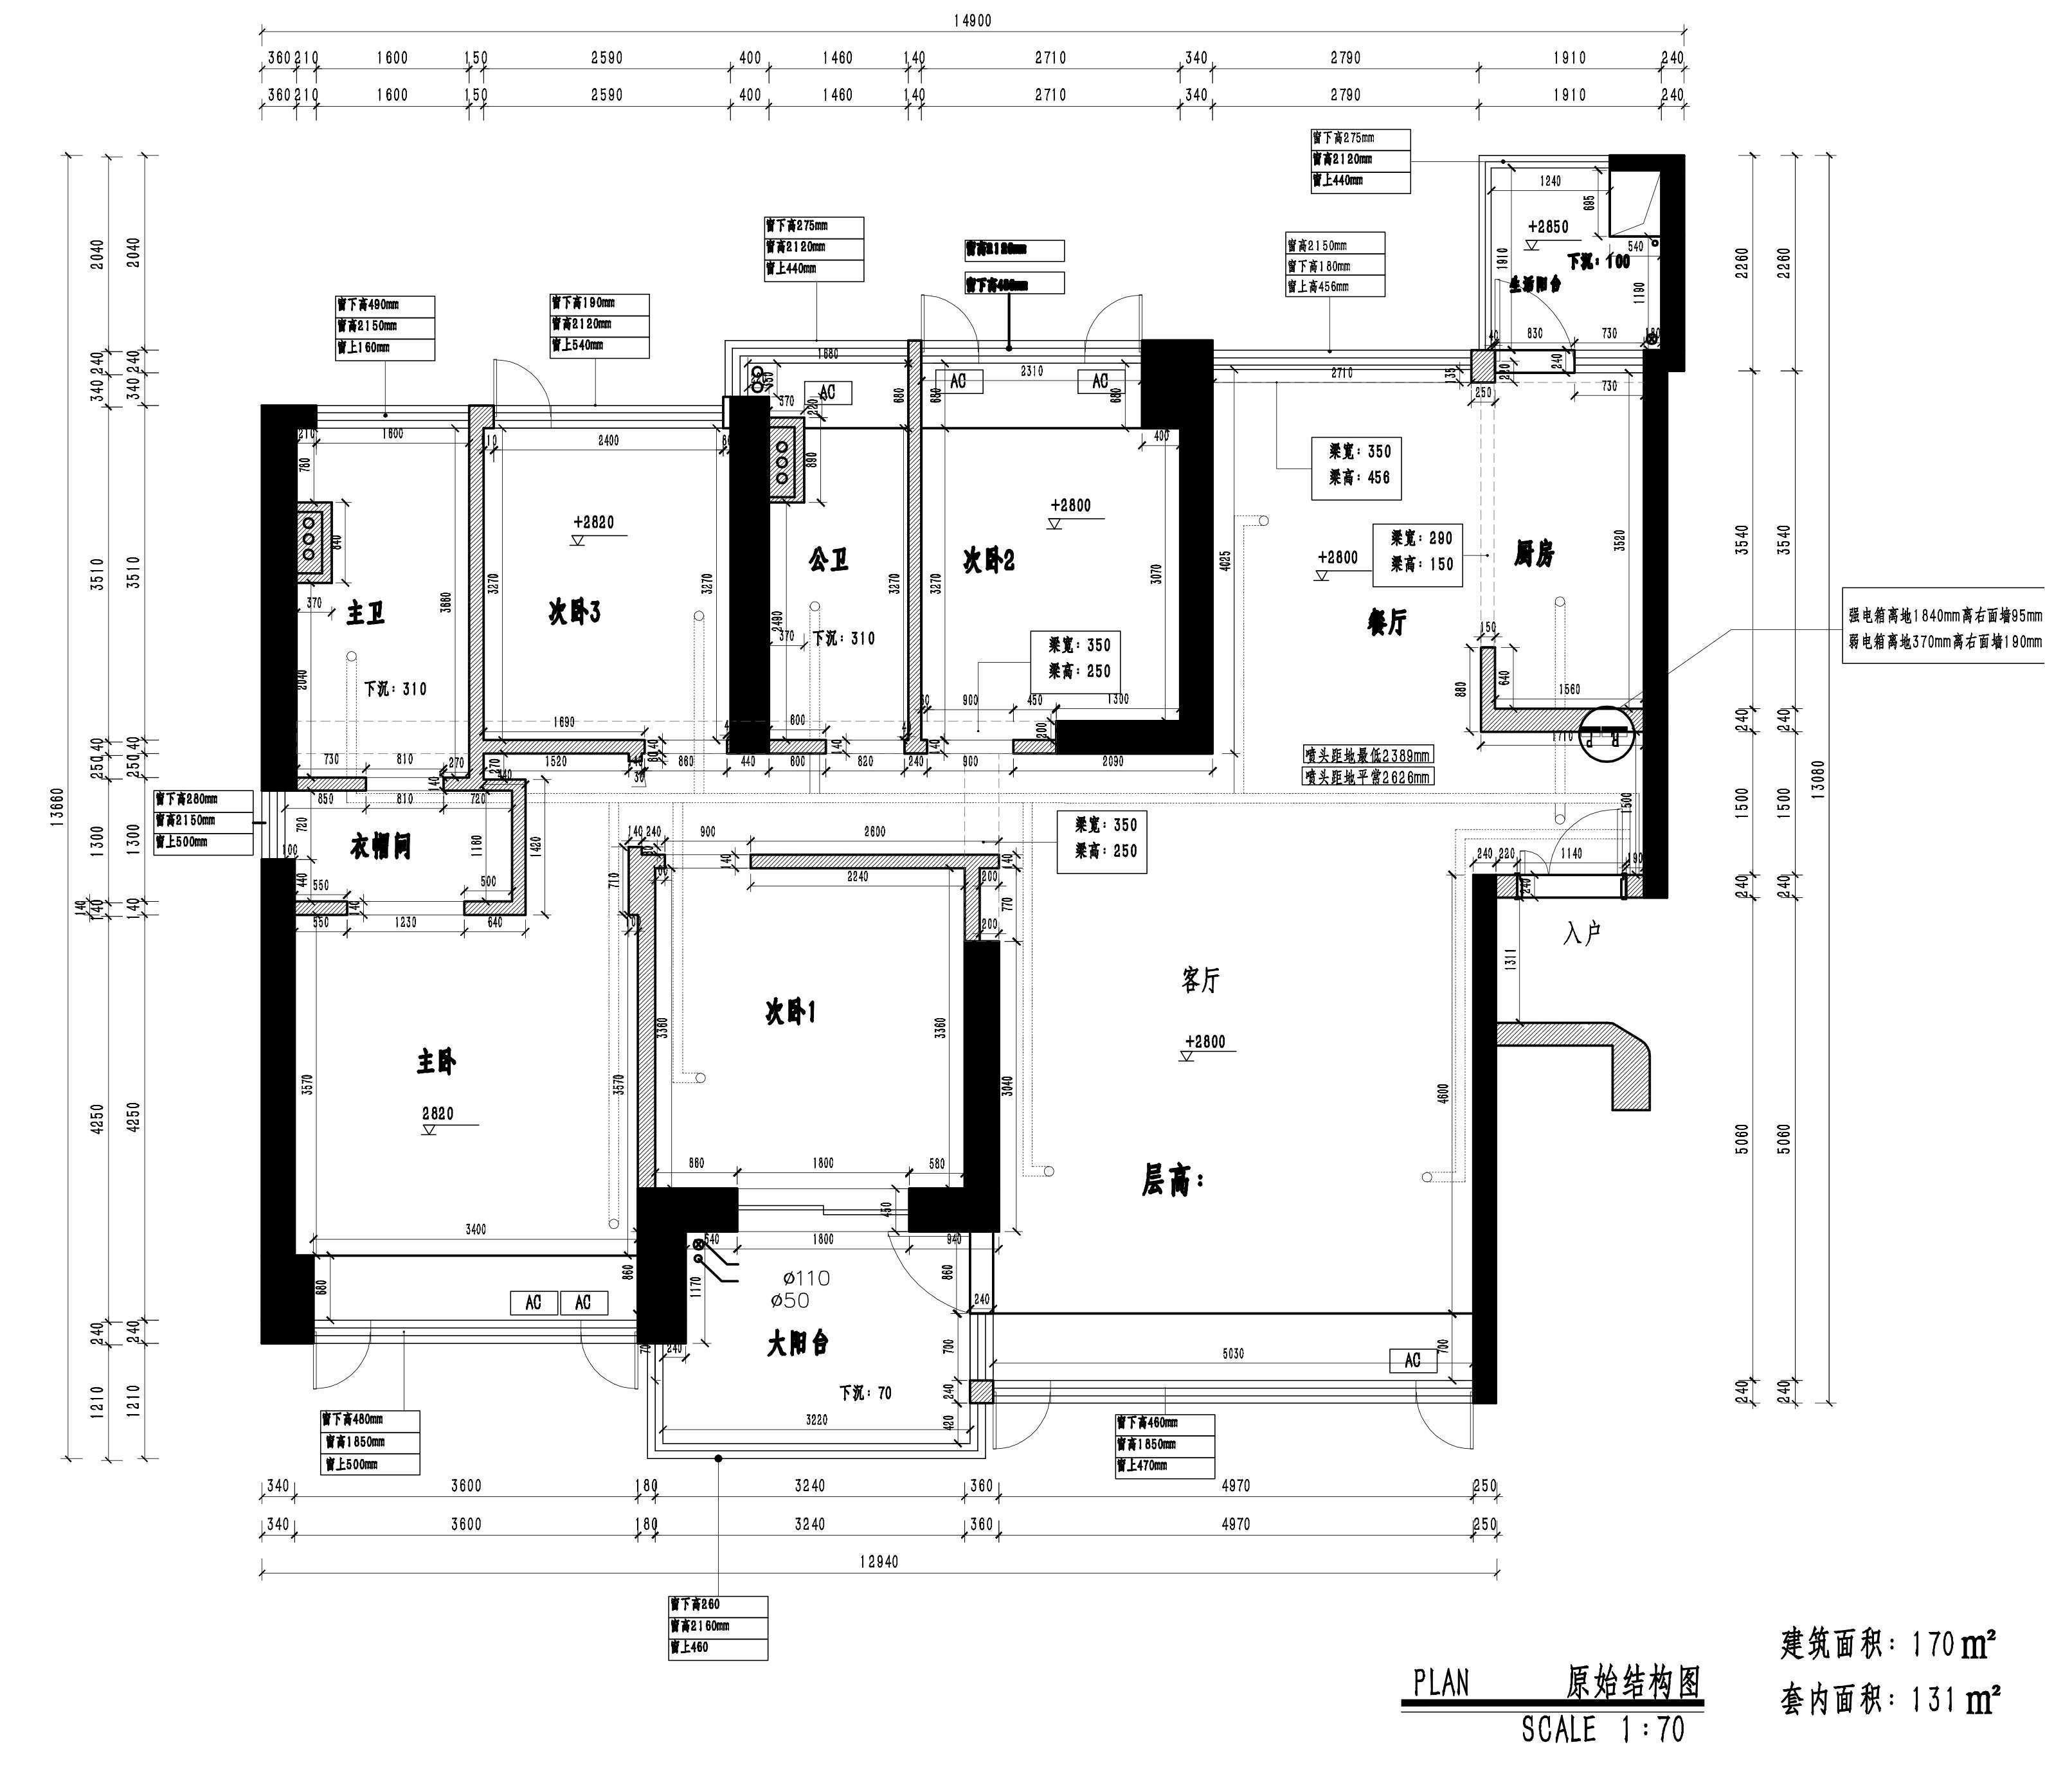 香山美墅170m2-現代輕奢風格設計-高端裝修效果圖展示裝修設計理念